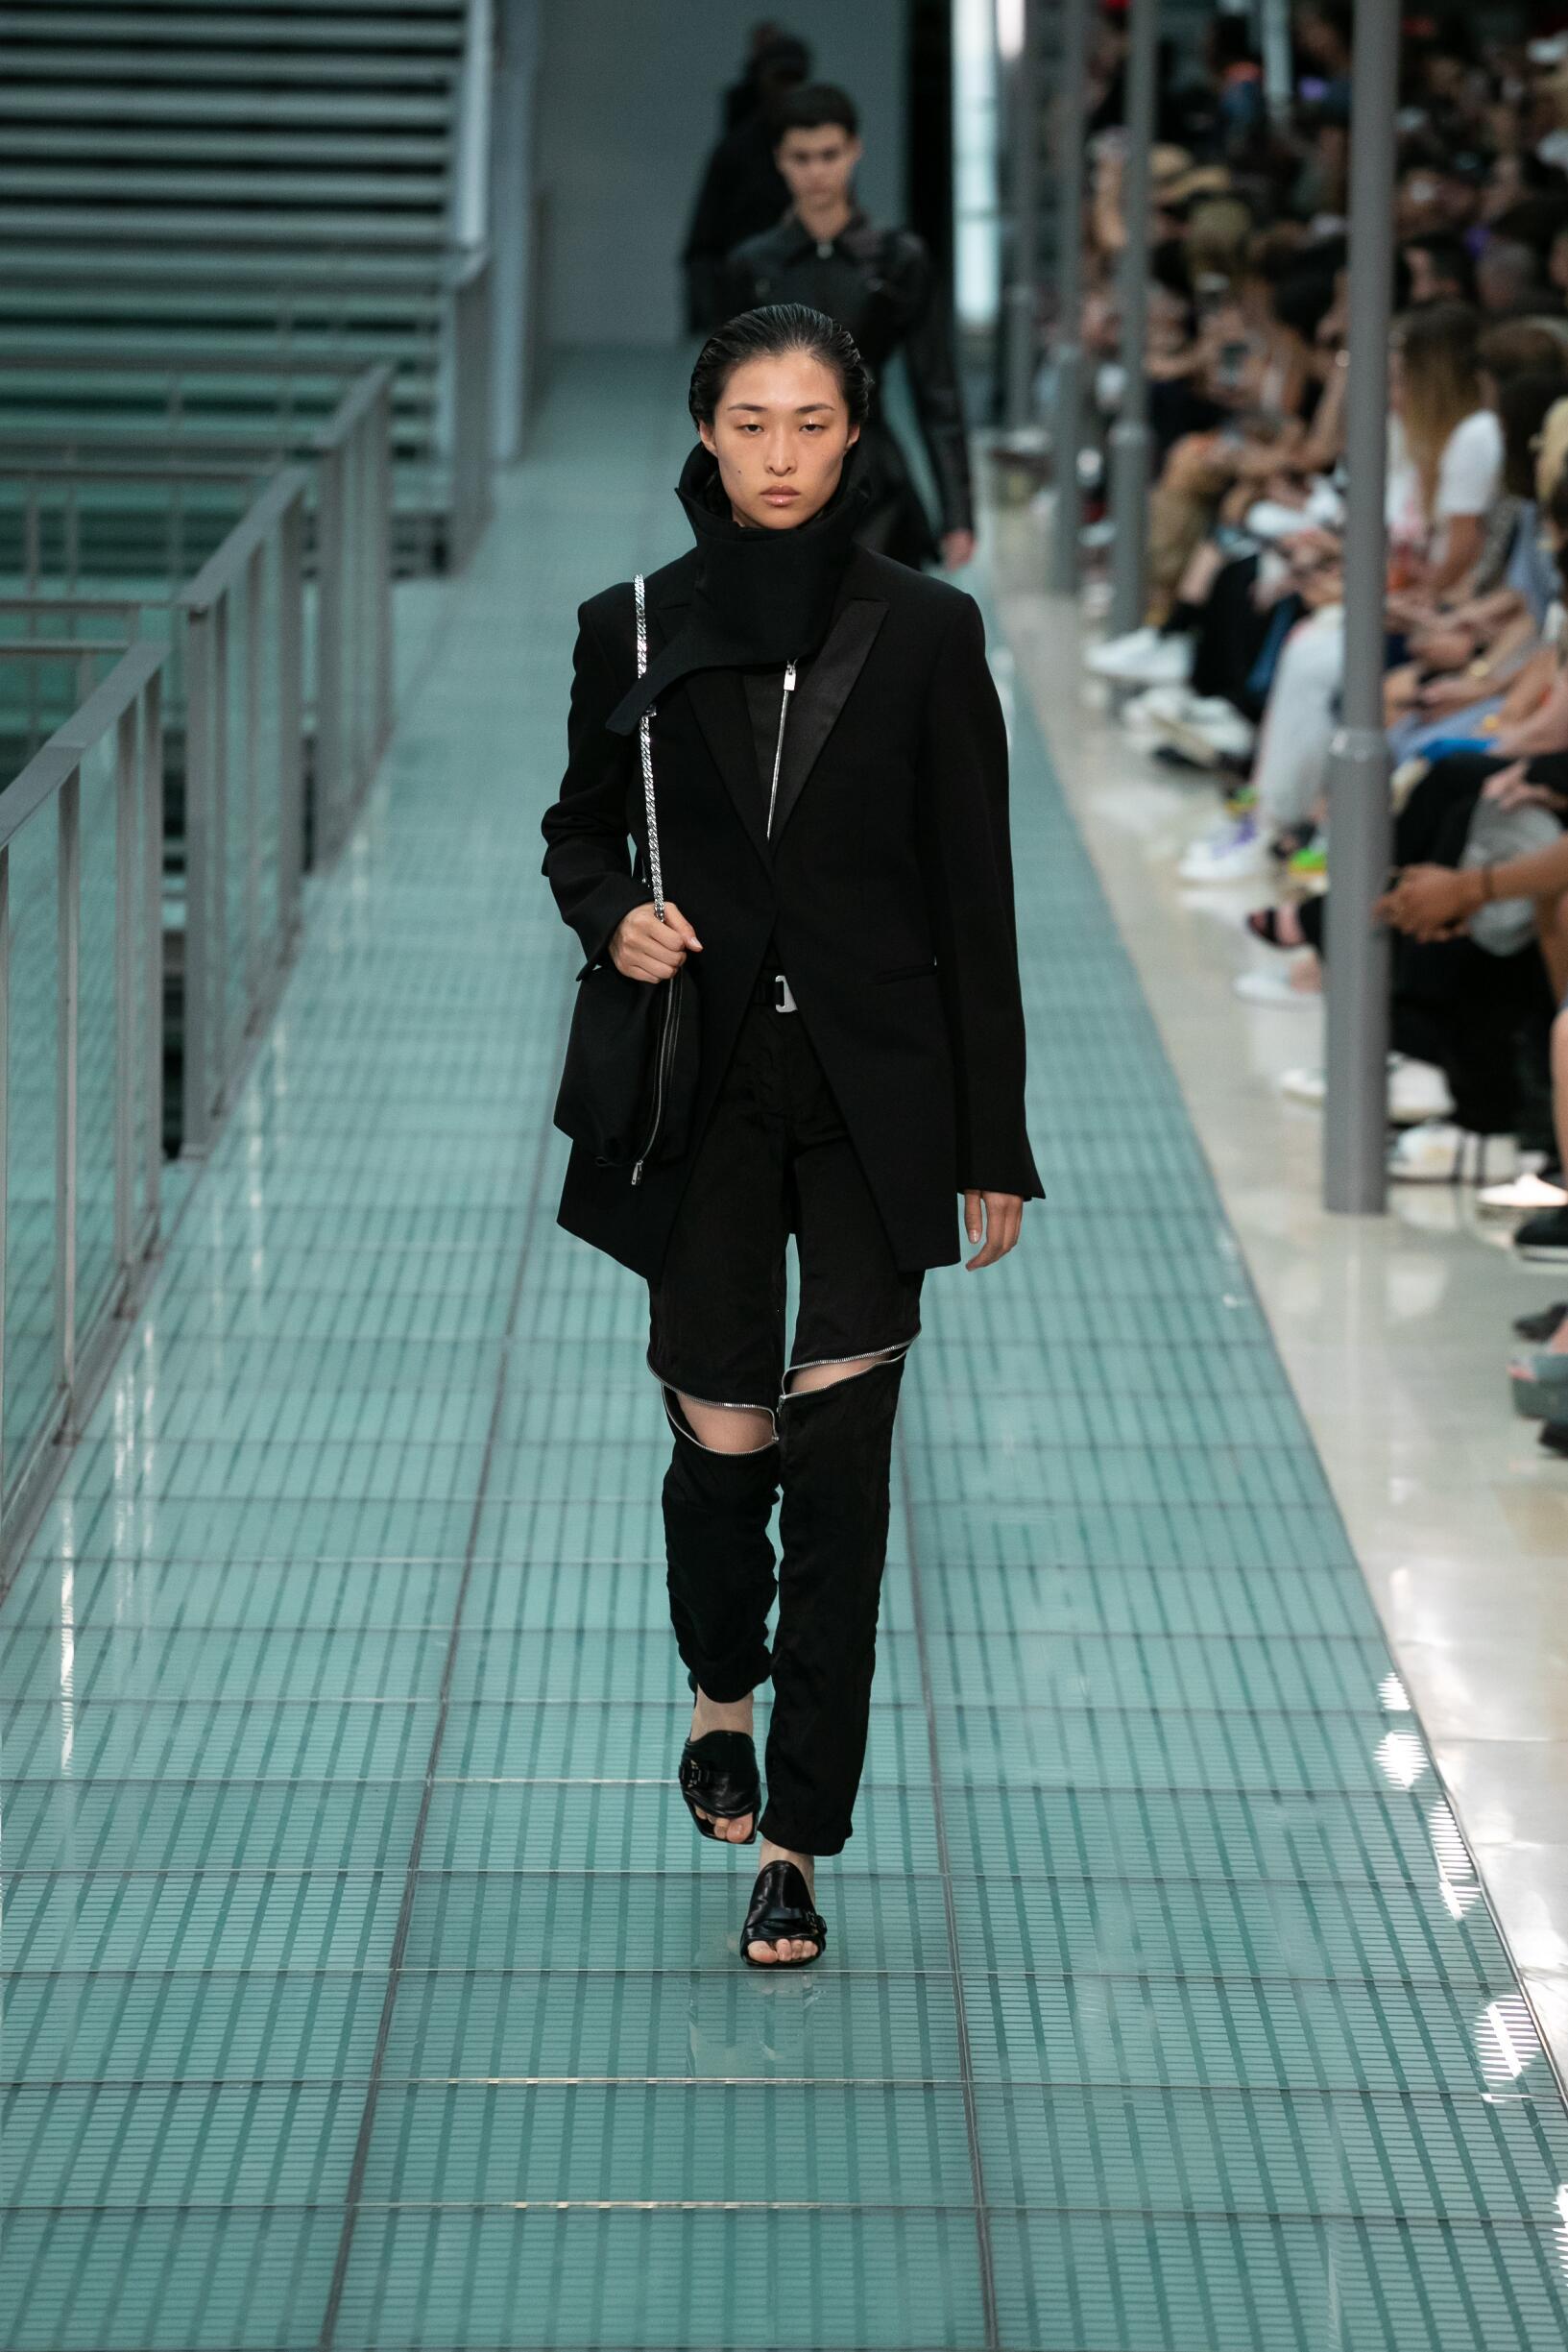 Fashion Model Woman Alyx Catwalk